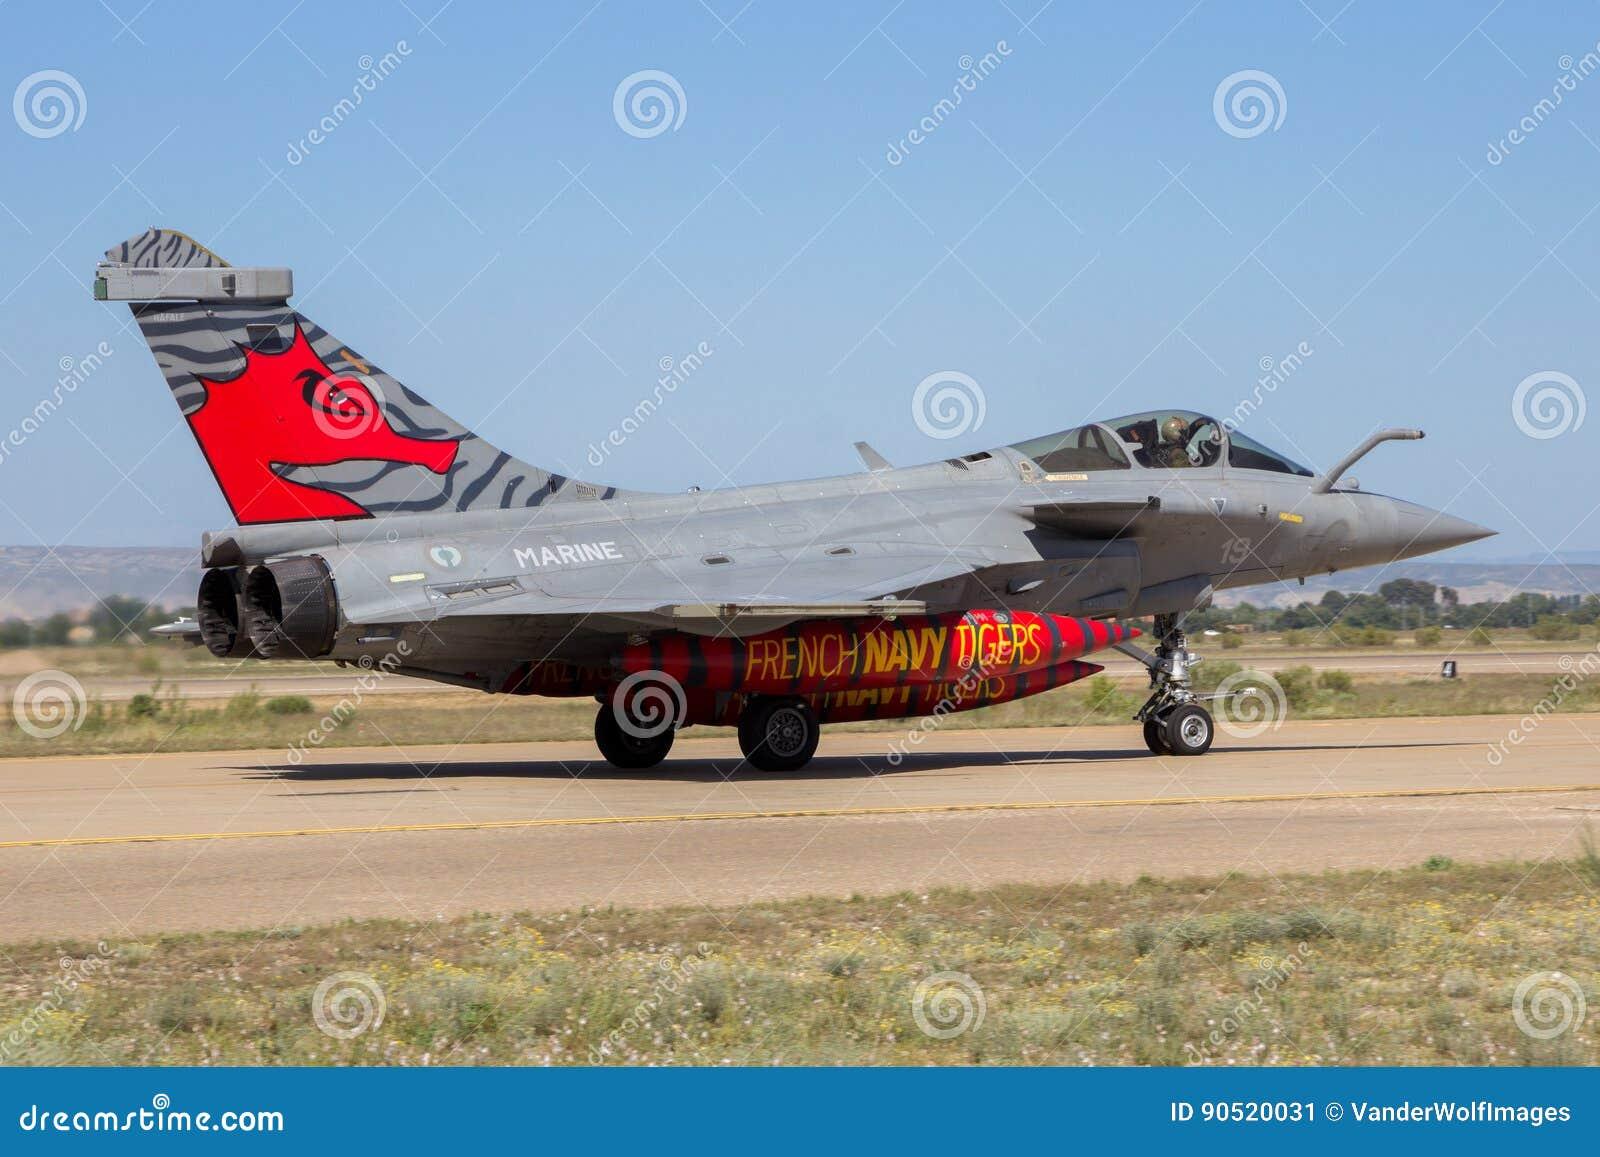 France Navy Dassault Rafale Fighter Jet Airplane Editorial